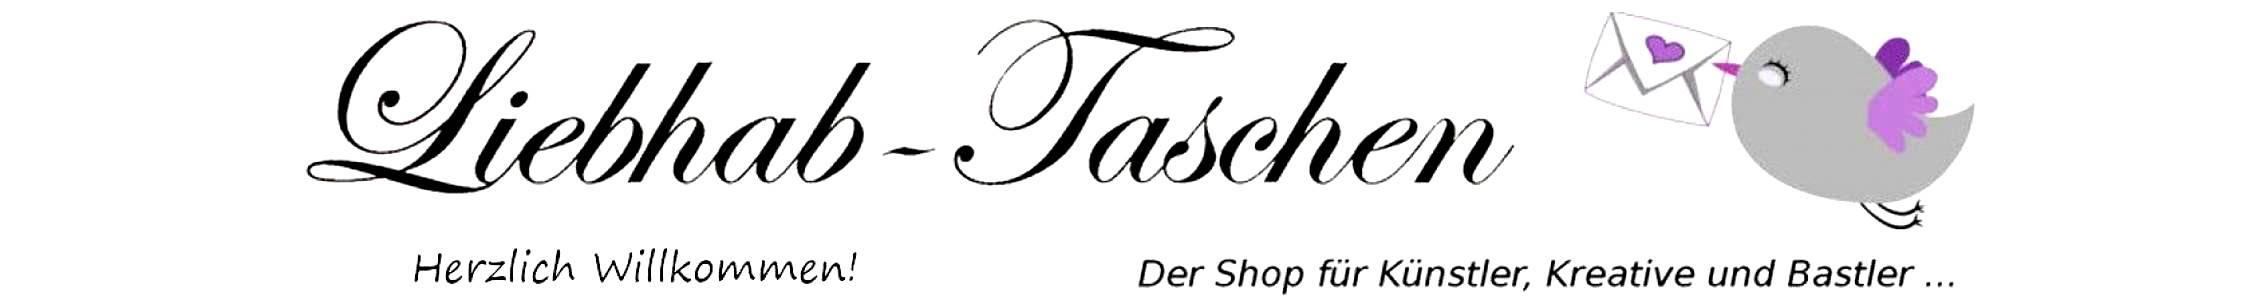 Liebhab-Taschen auf kasuwa.de